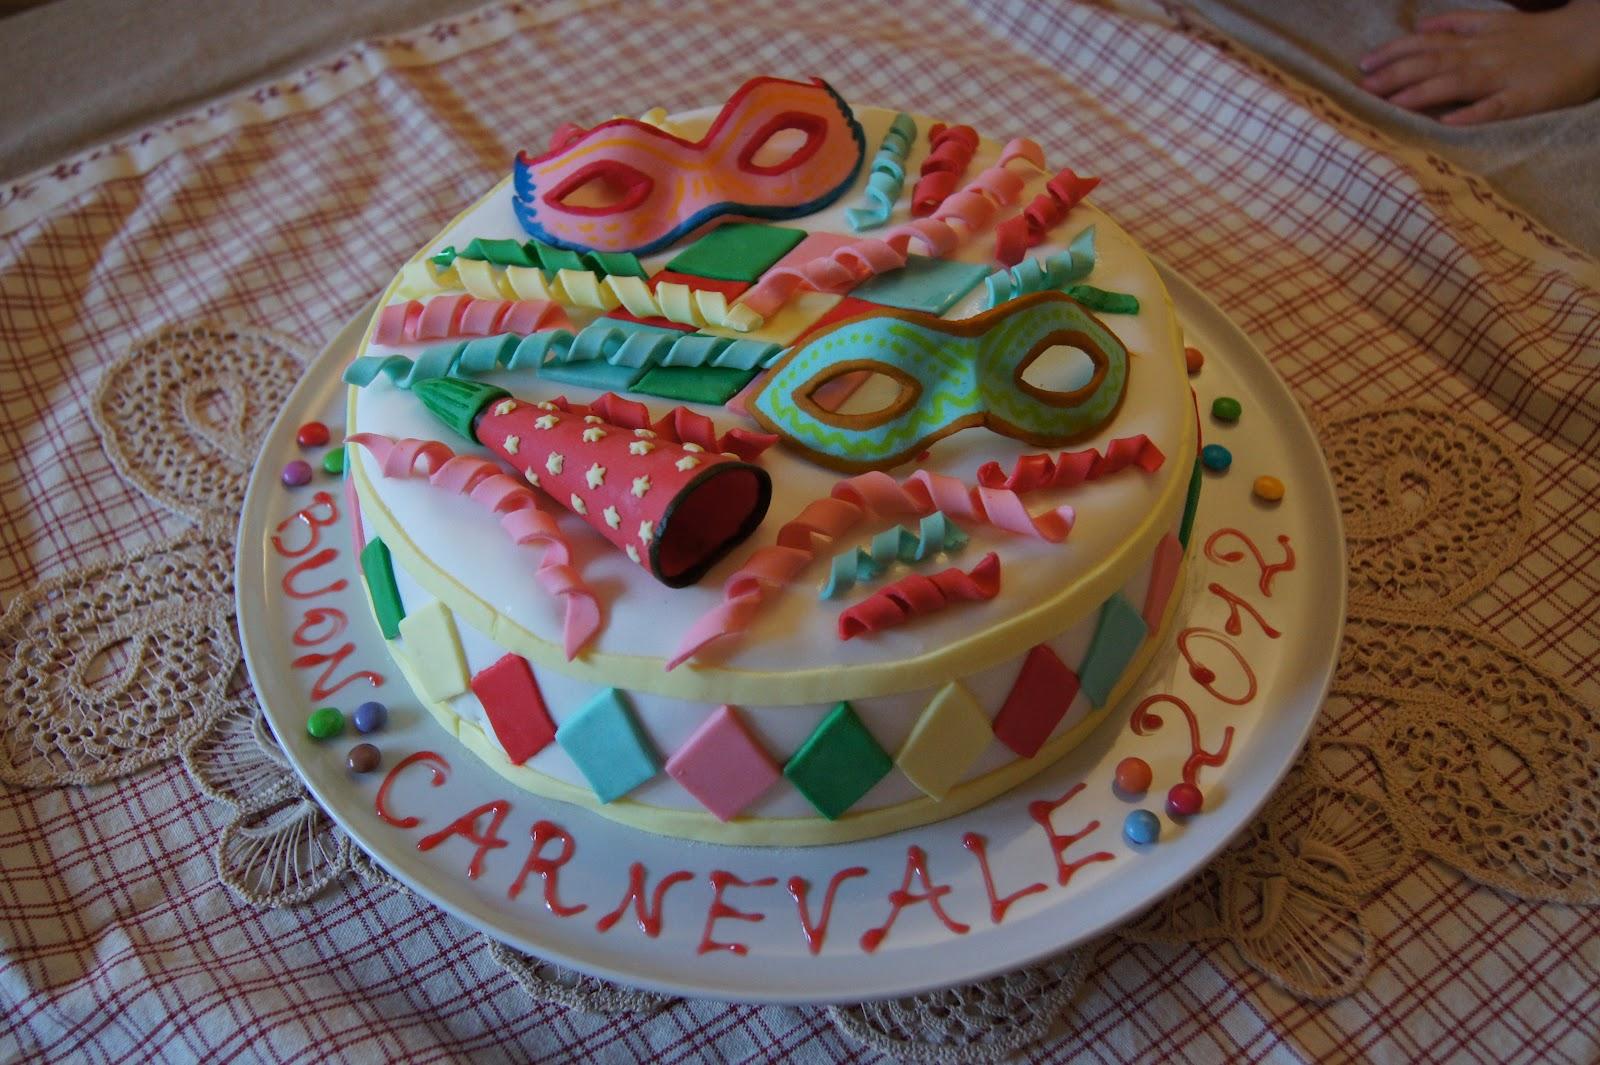 Le torte di nora torta per carnevale - Decorazioni per torte di carnevale ...